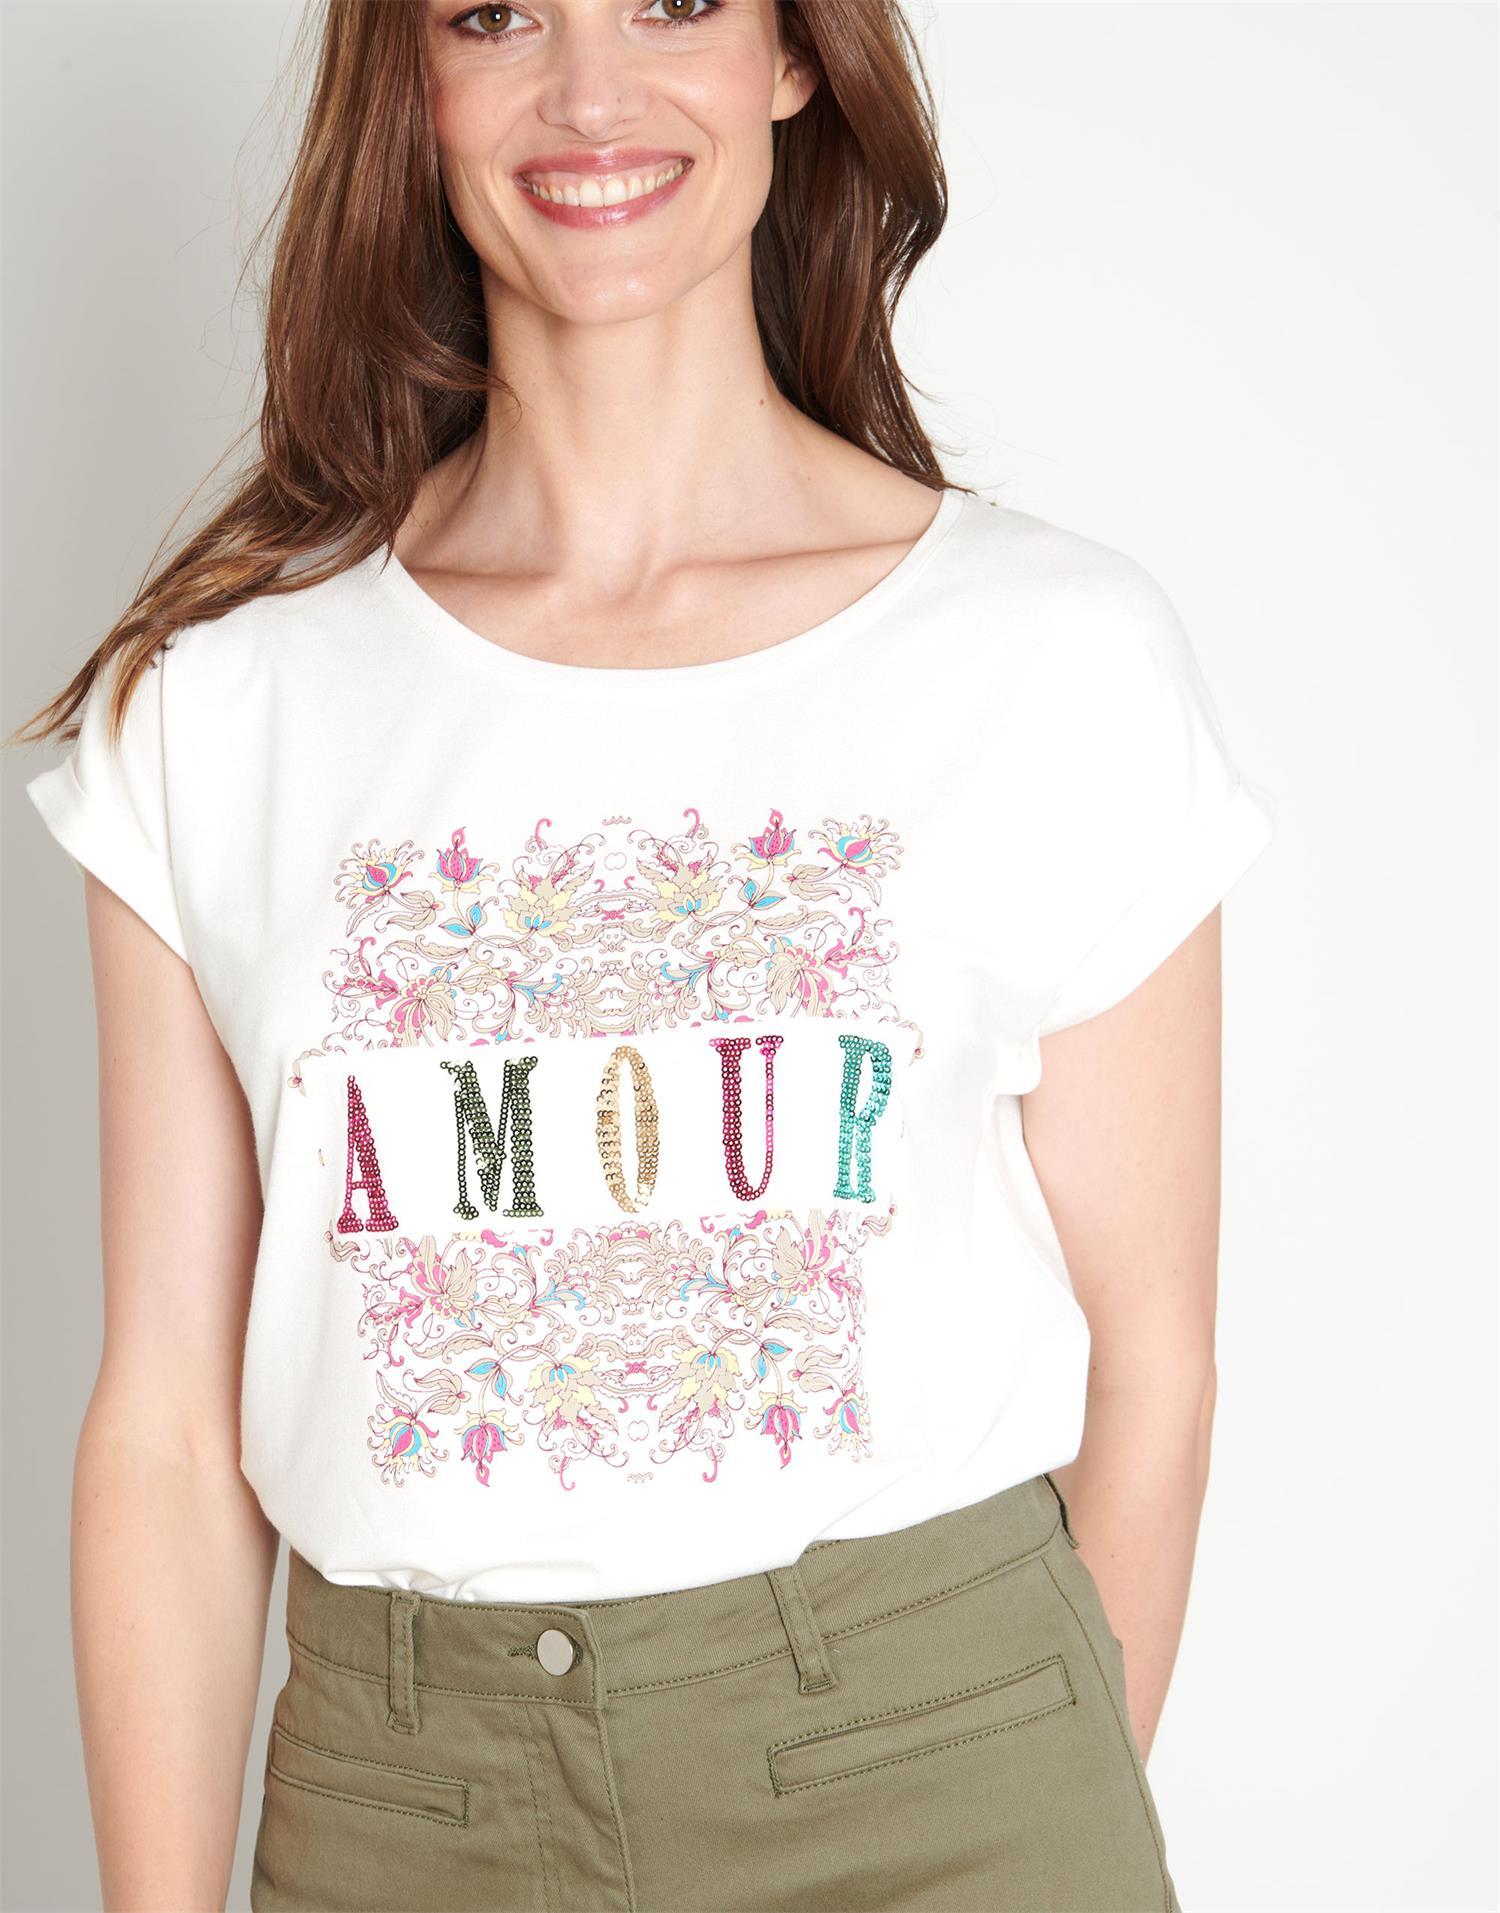 T-Shirt longueur standard  imprimée